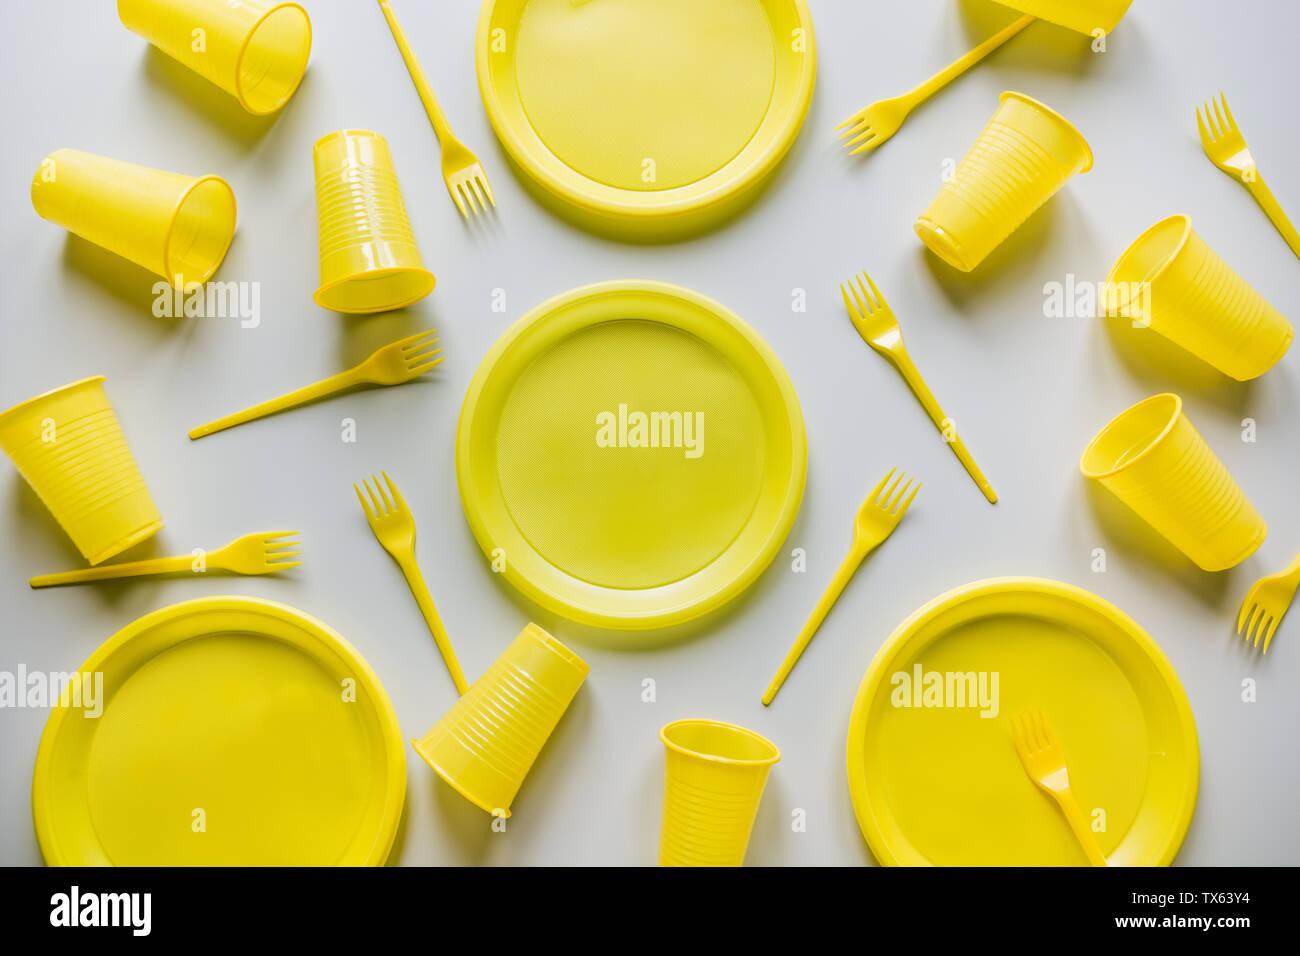 Single use utensilios de picnic amarillo sobre gris. Medio ambiente, ecológico, descartar la basura plástica para reciclar el concepto.vista desde arriba. Sentar planas. Patrón. Foto de stock